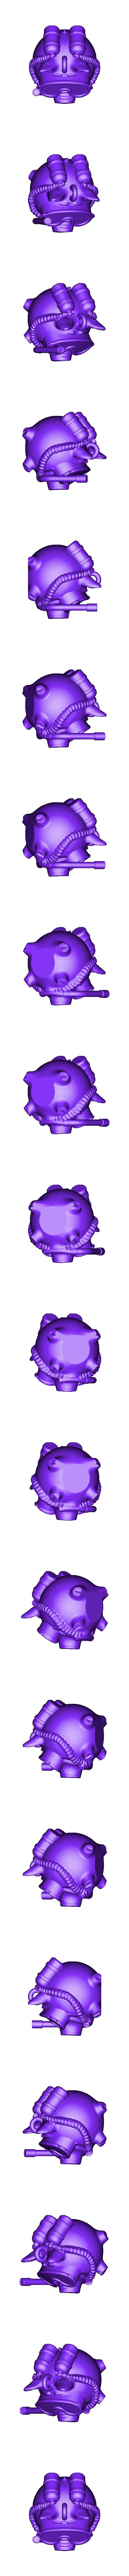 Svin6diver.stl Télécharger fichier STL gratuit plongeur cochon • Design imprimable en 3D, shuranikishin